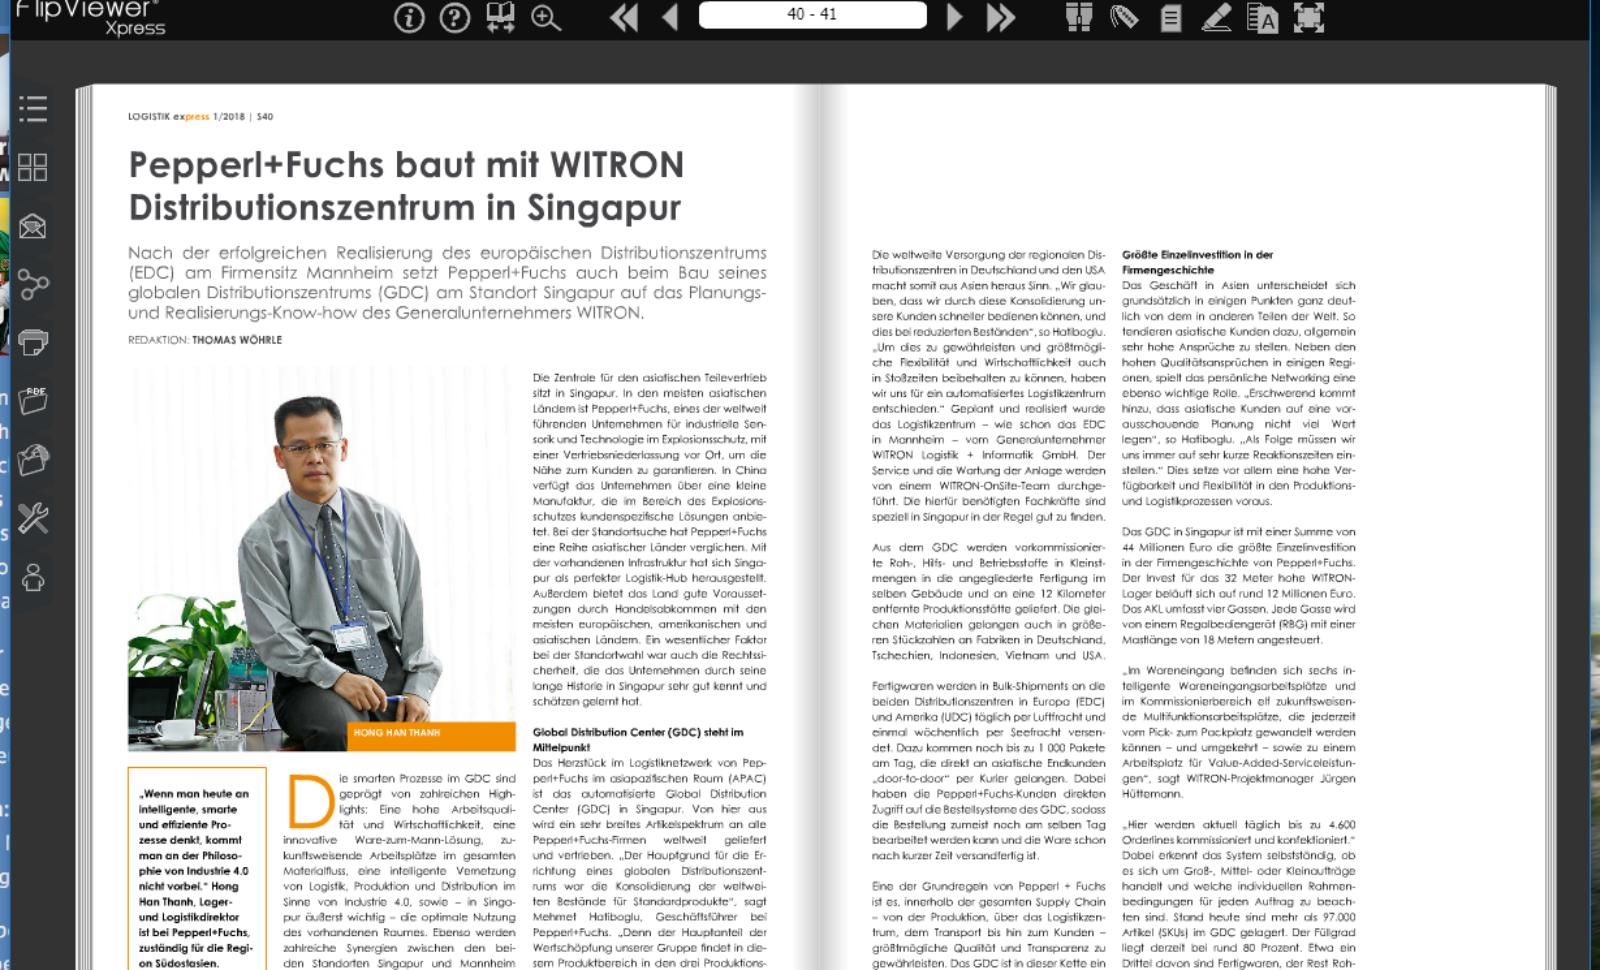 Pepperl+Fuchs baut mit WITRON globales Distributionszentrum in Singapur